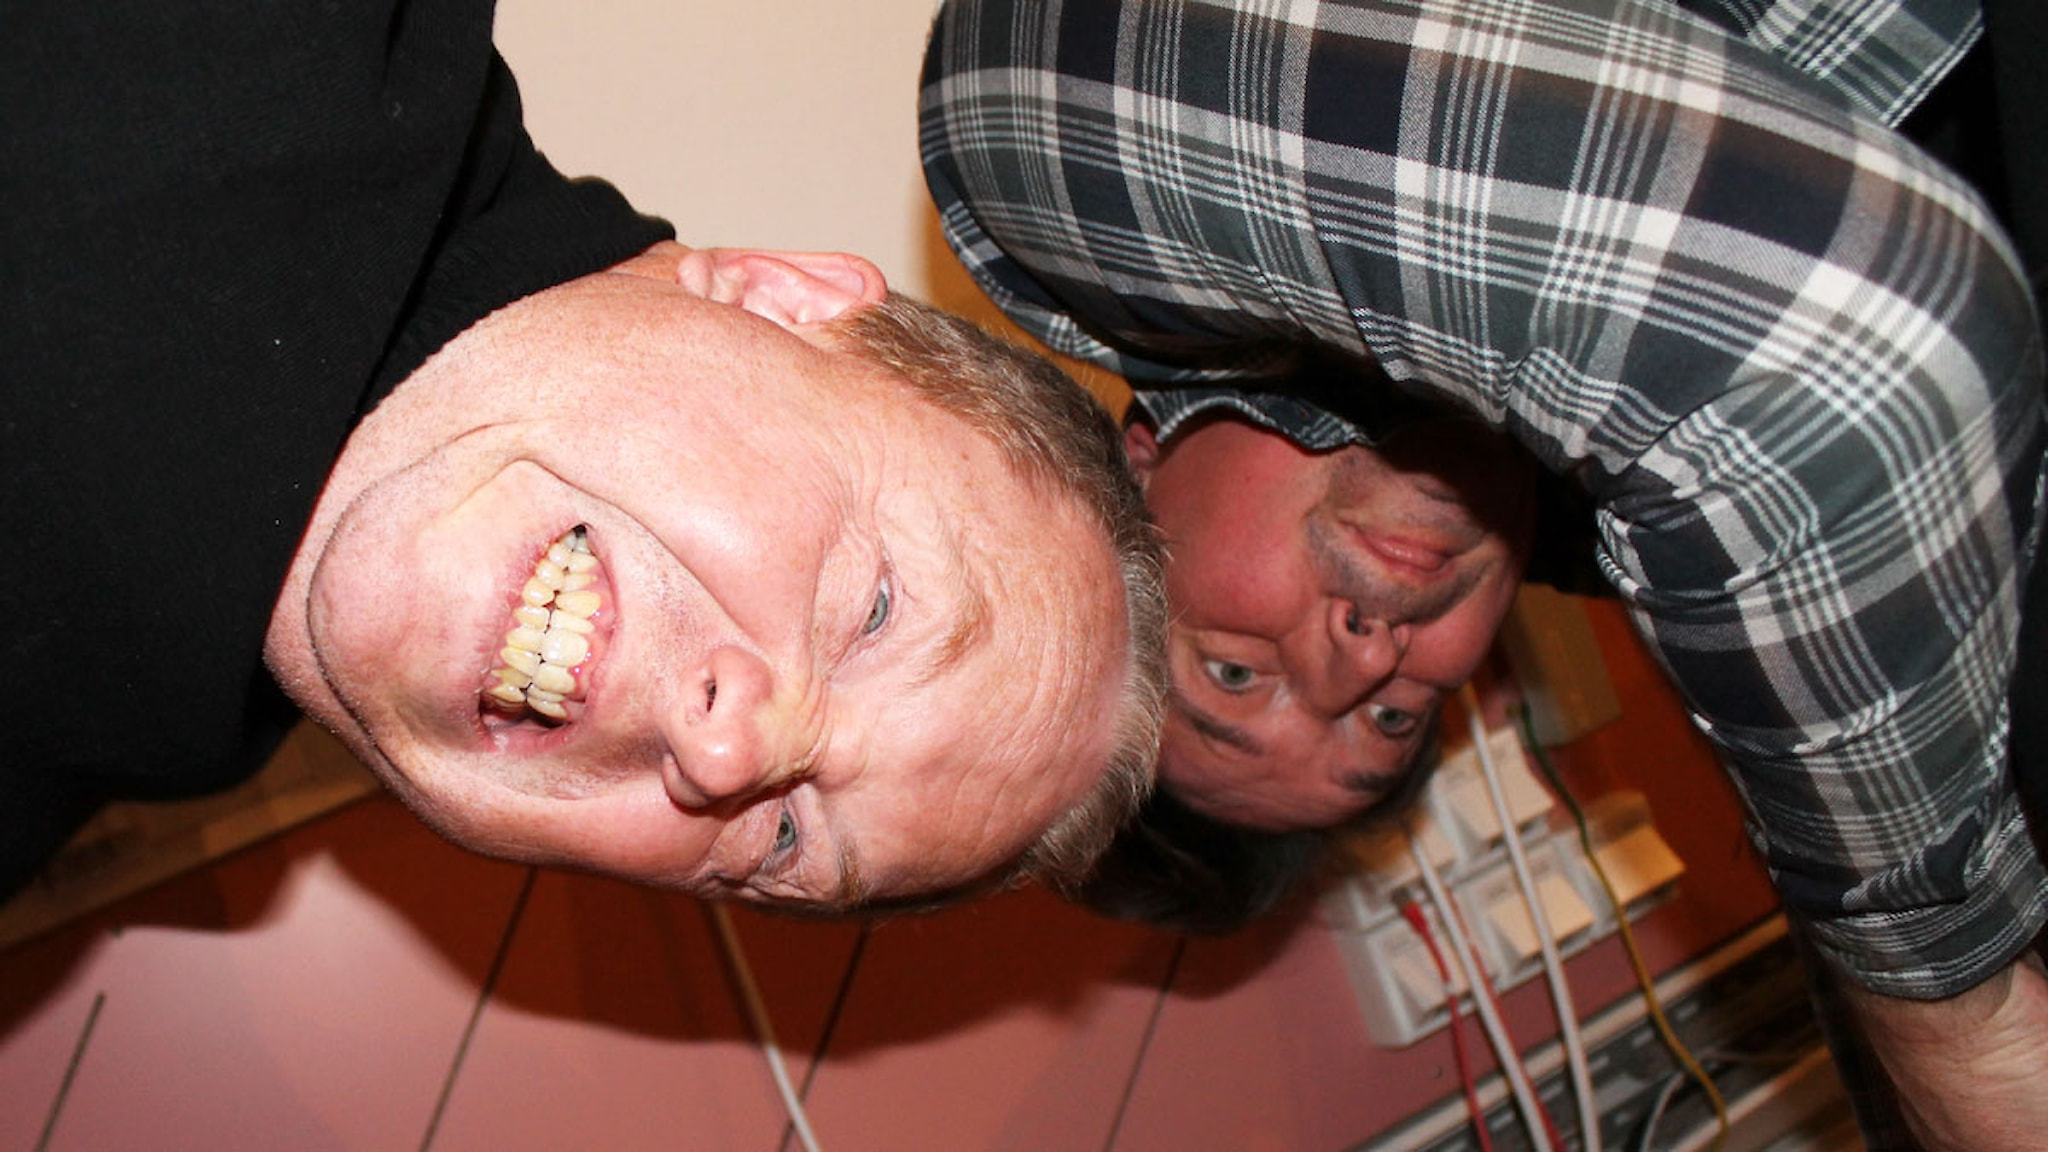 Utmaningen: Anders Jansson och Johan Wester får mycket förslag på att göra fysiska prestationer i studion. Foto: Ronnie Ritterland / Sveriges Radio